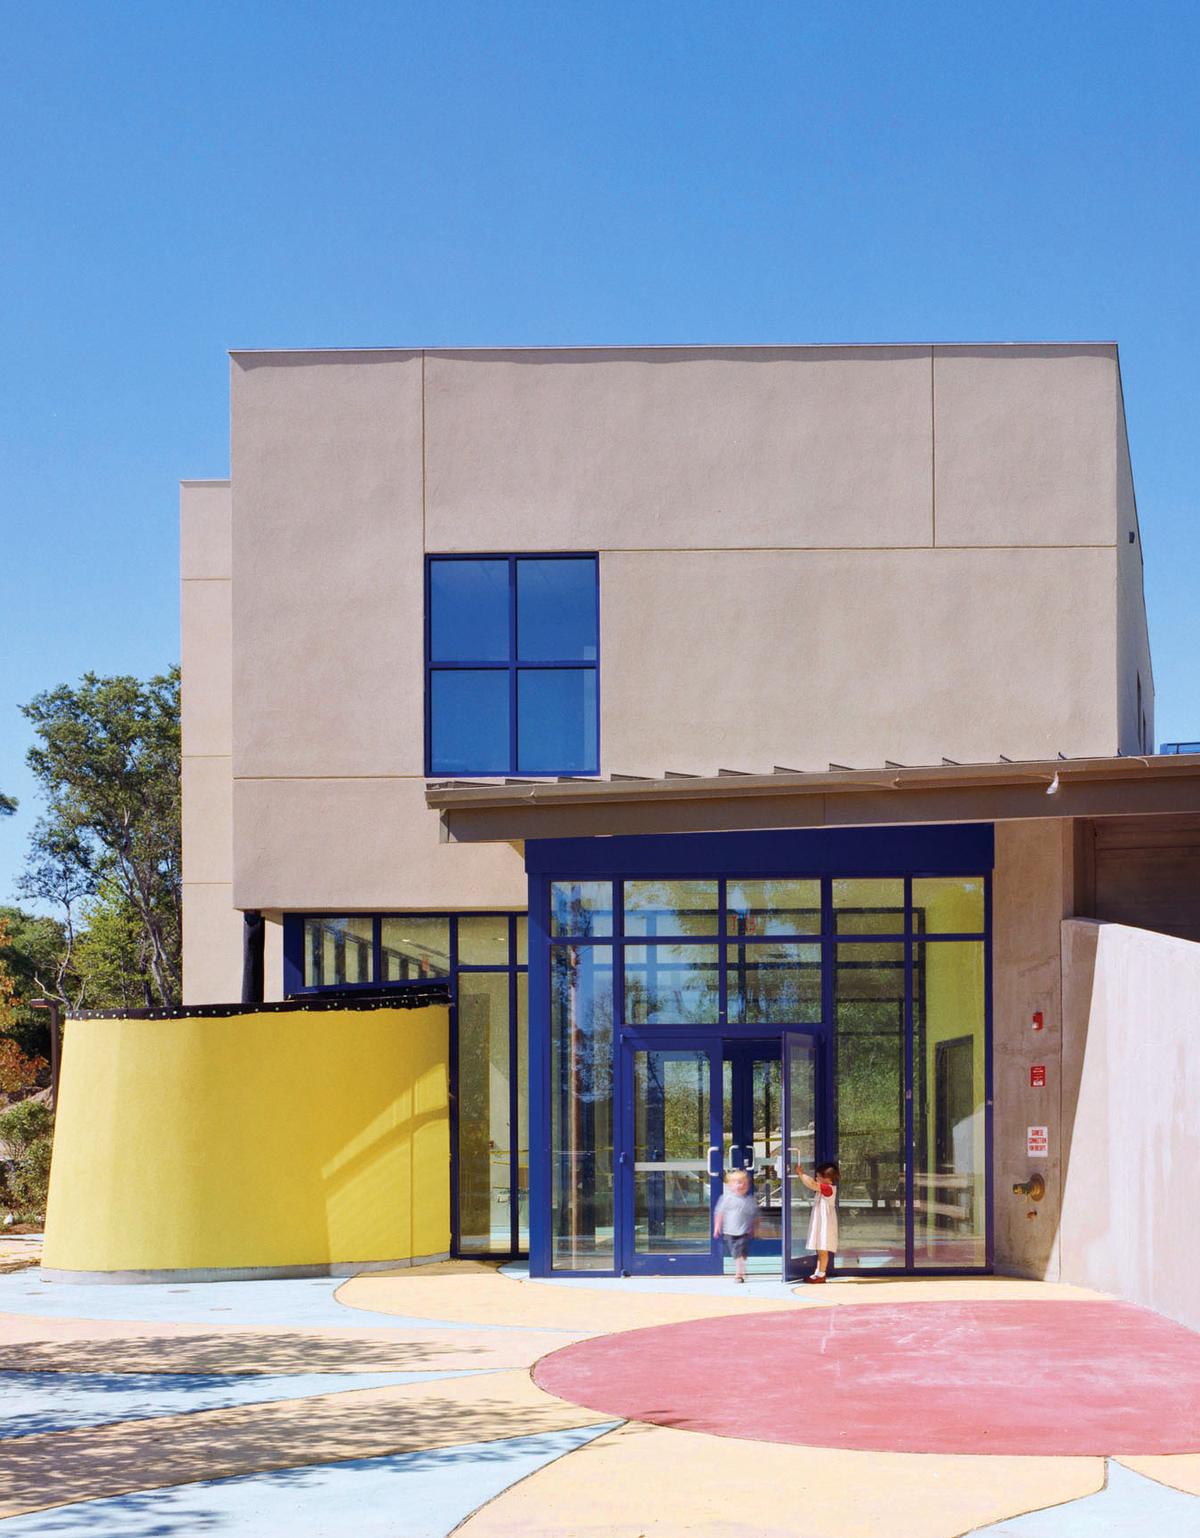 Exterior, entrance